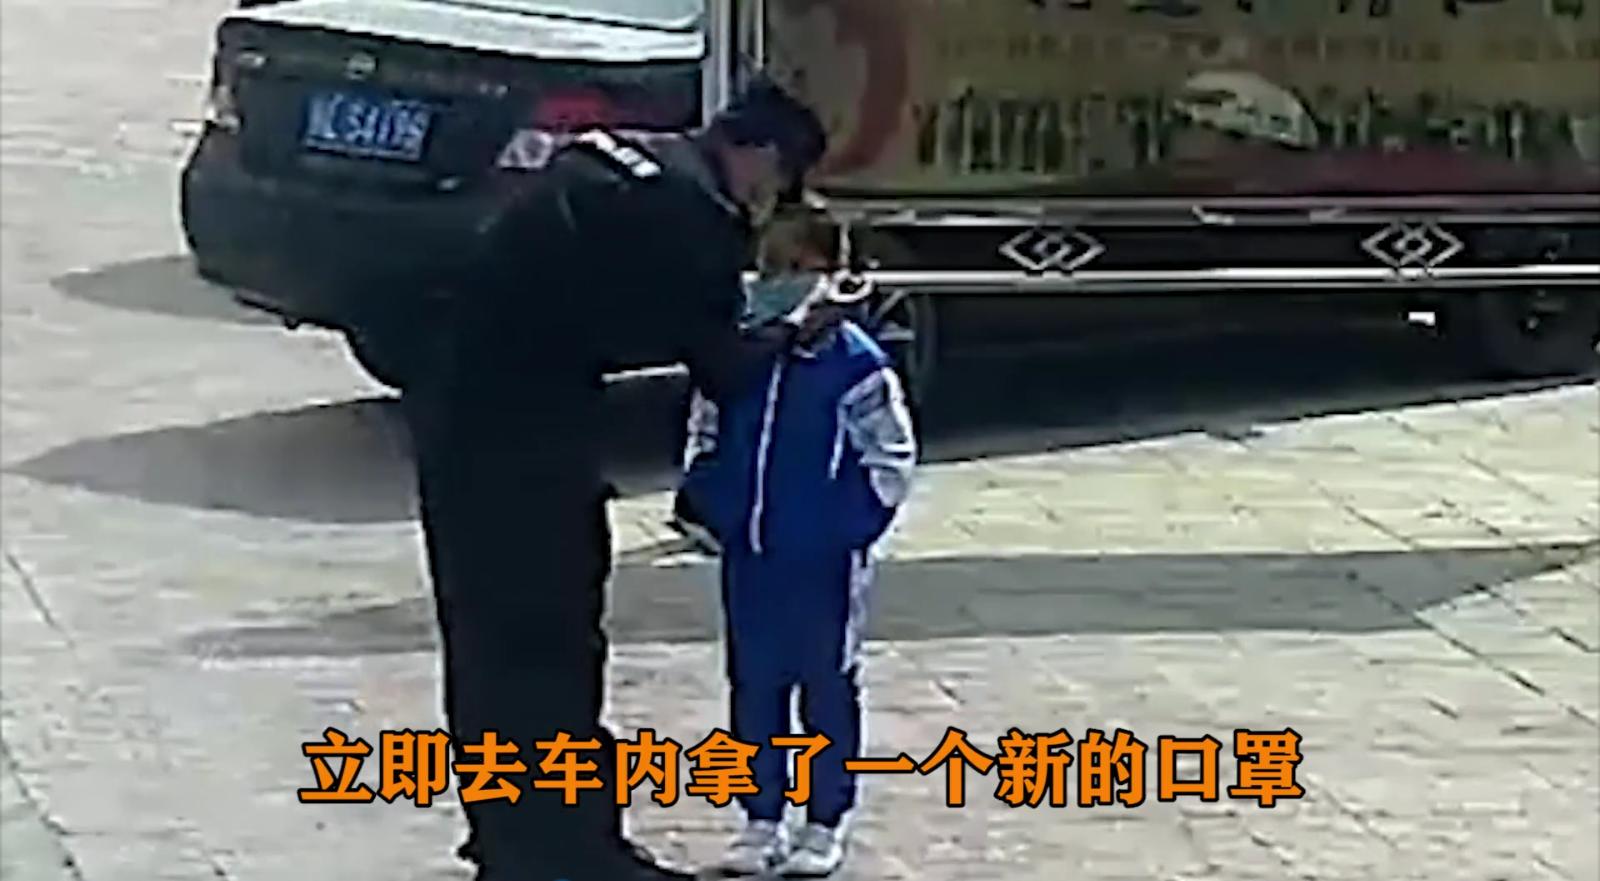 【新疆好网民 传递正能量】爱了!送口罩的小哥哥他叫李少伟